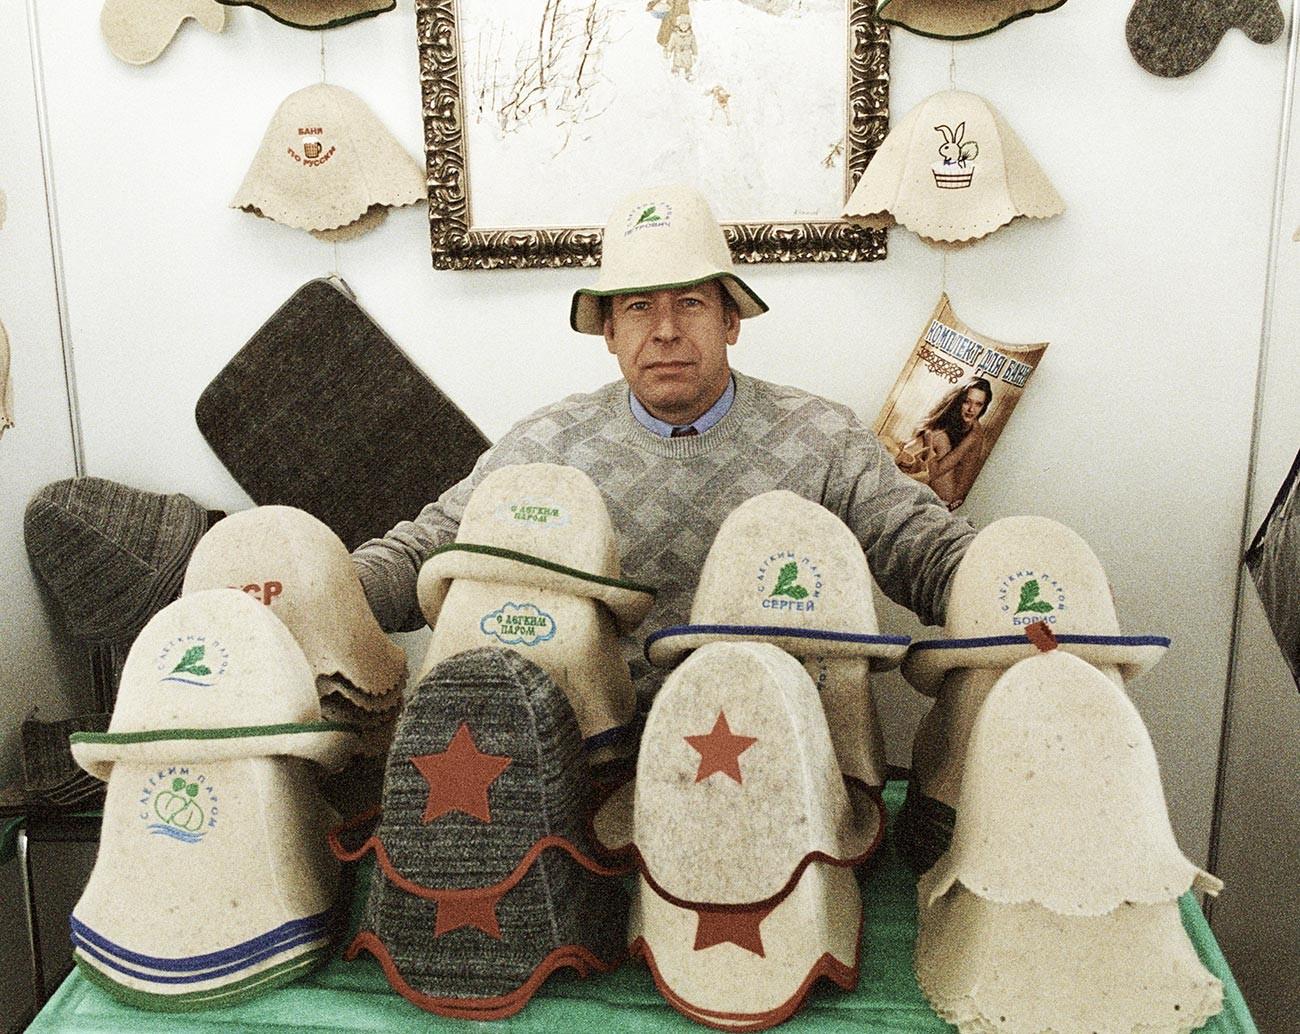 熱から頭を保護する伝統的な帽子